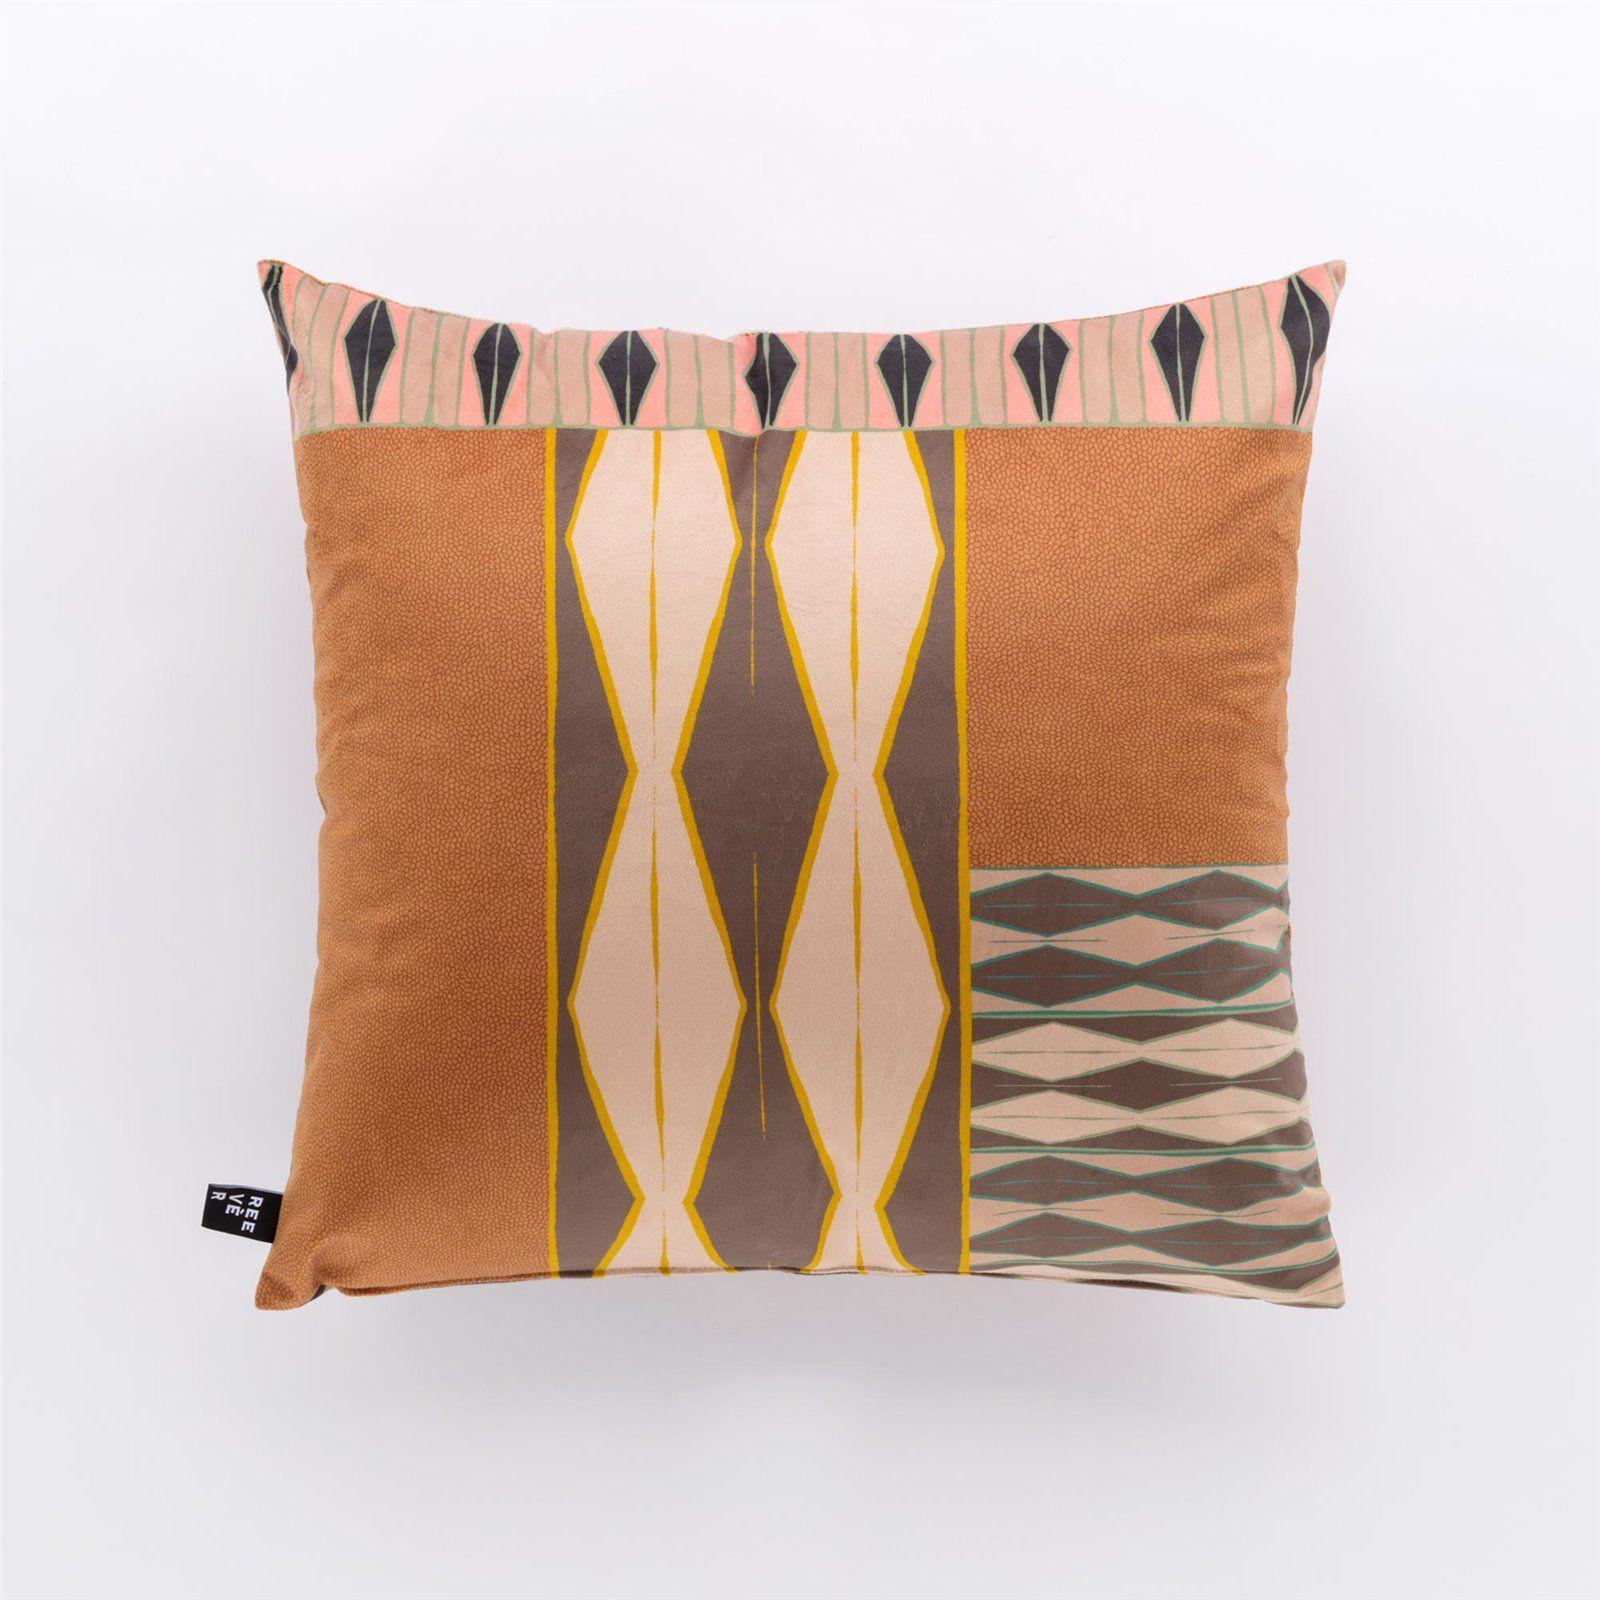 Kumi Towel set 1+1